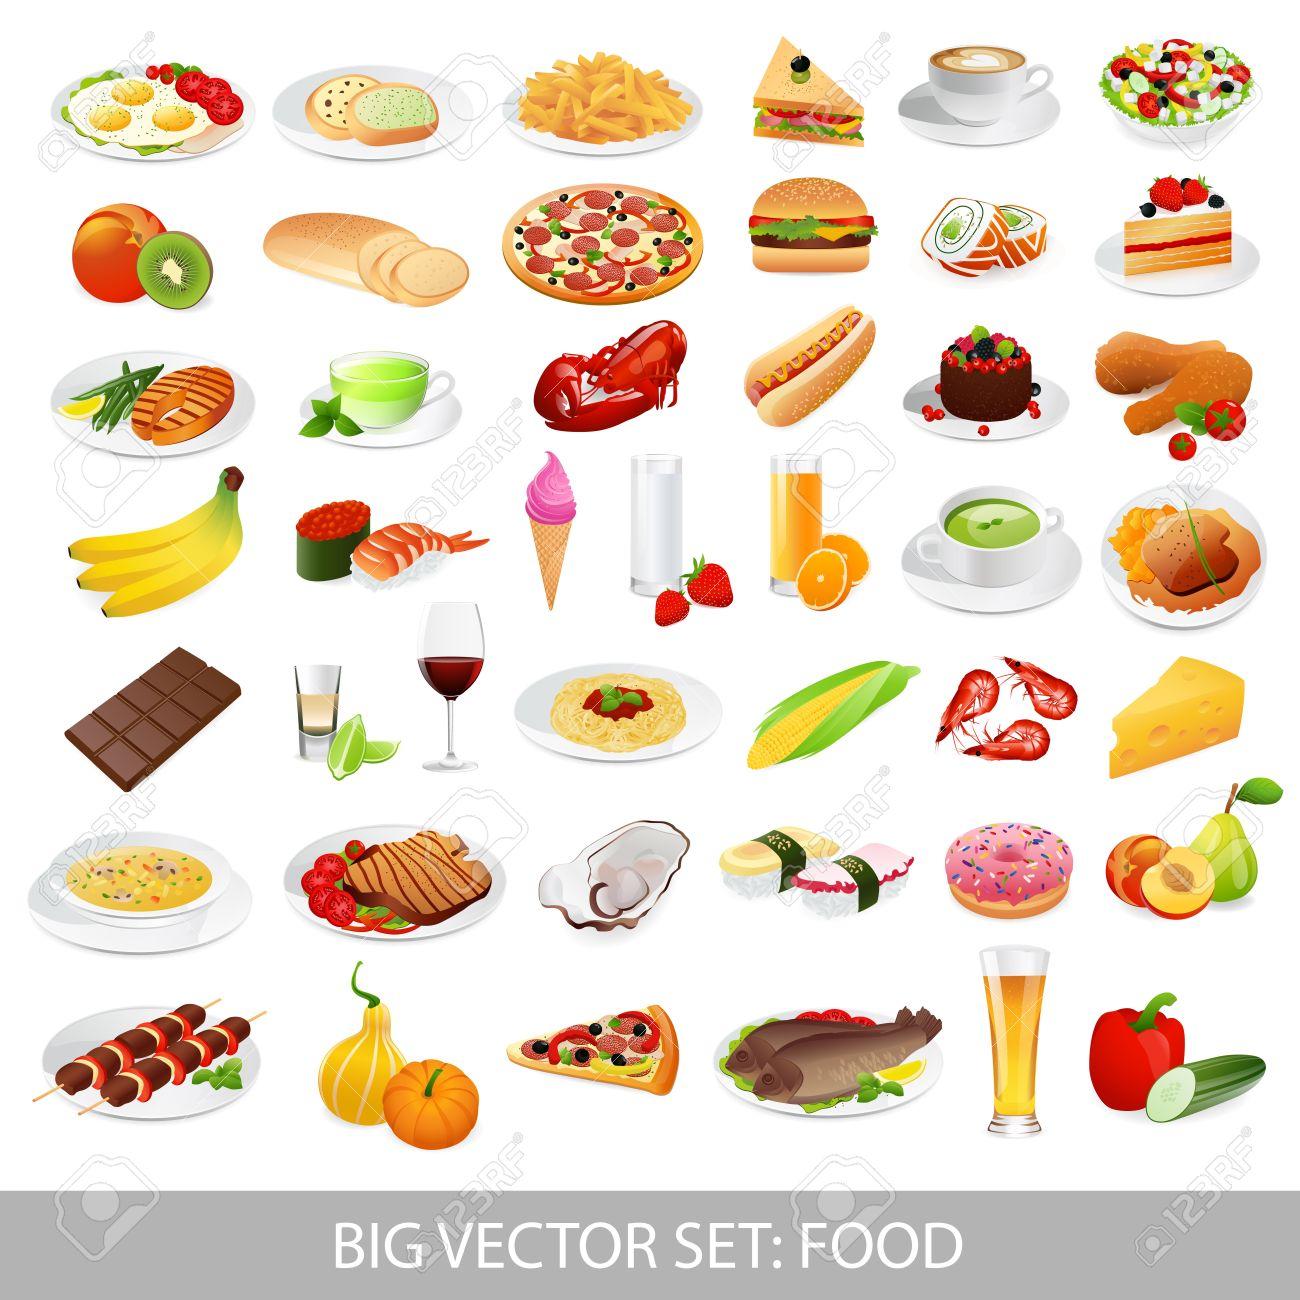 大きなベクトル設定食品様々 なおいしい料理 - 詳細なイラスト